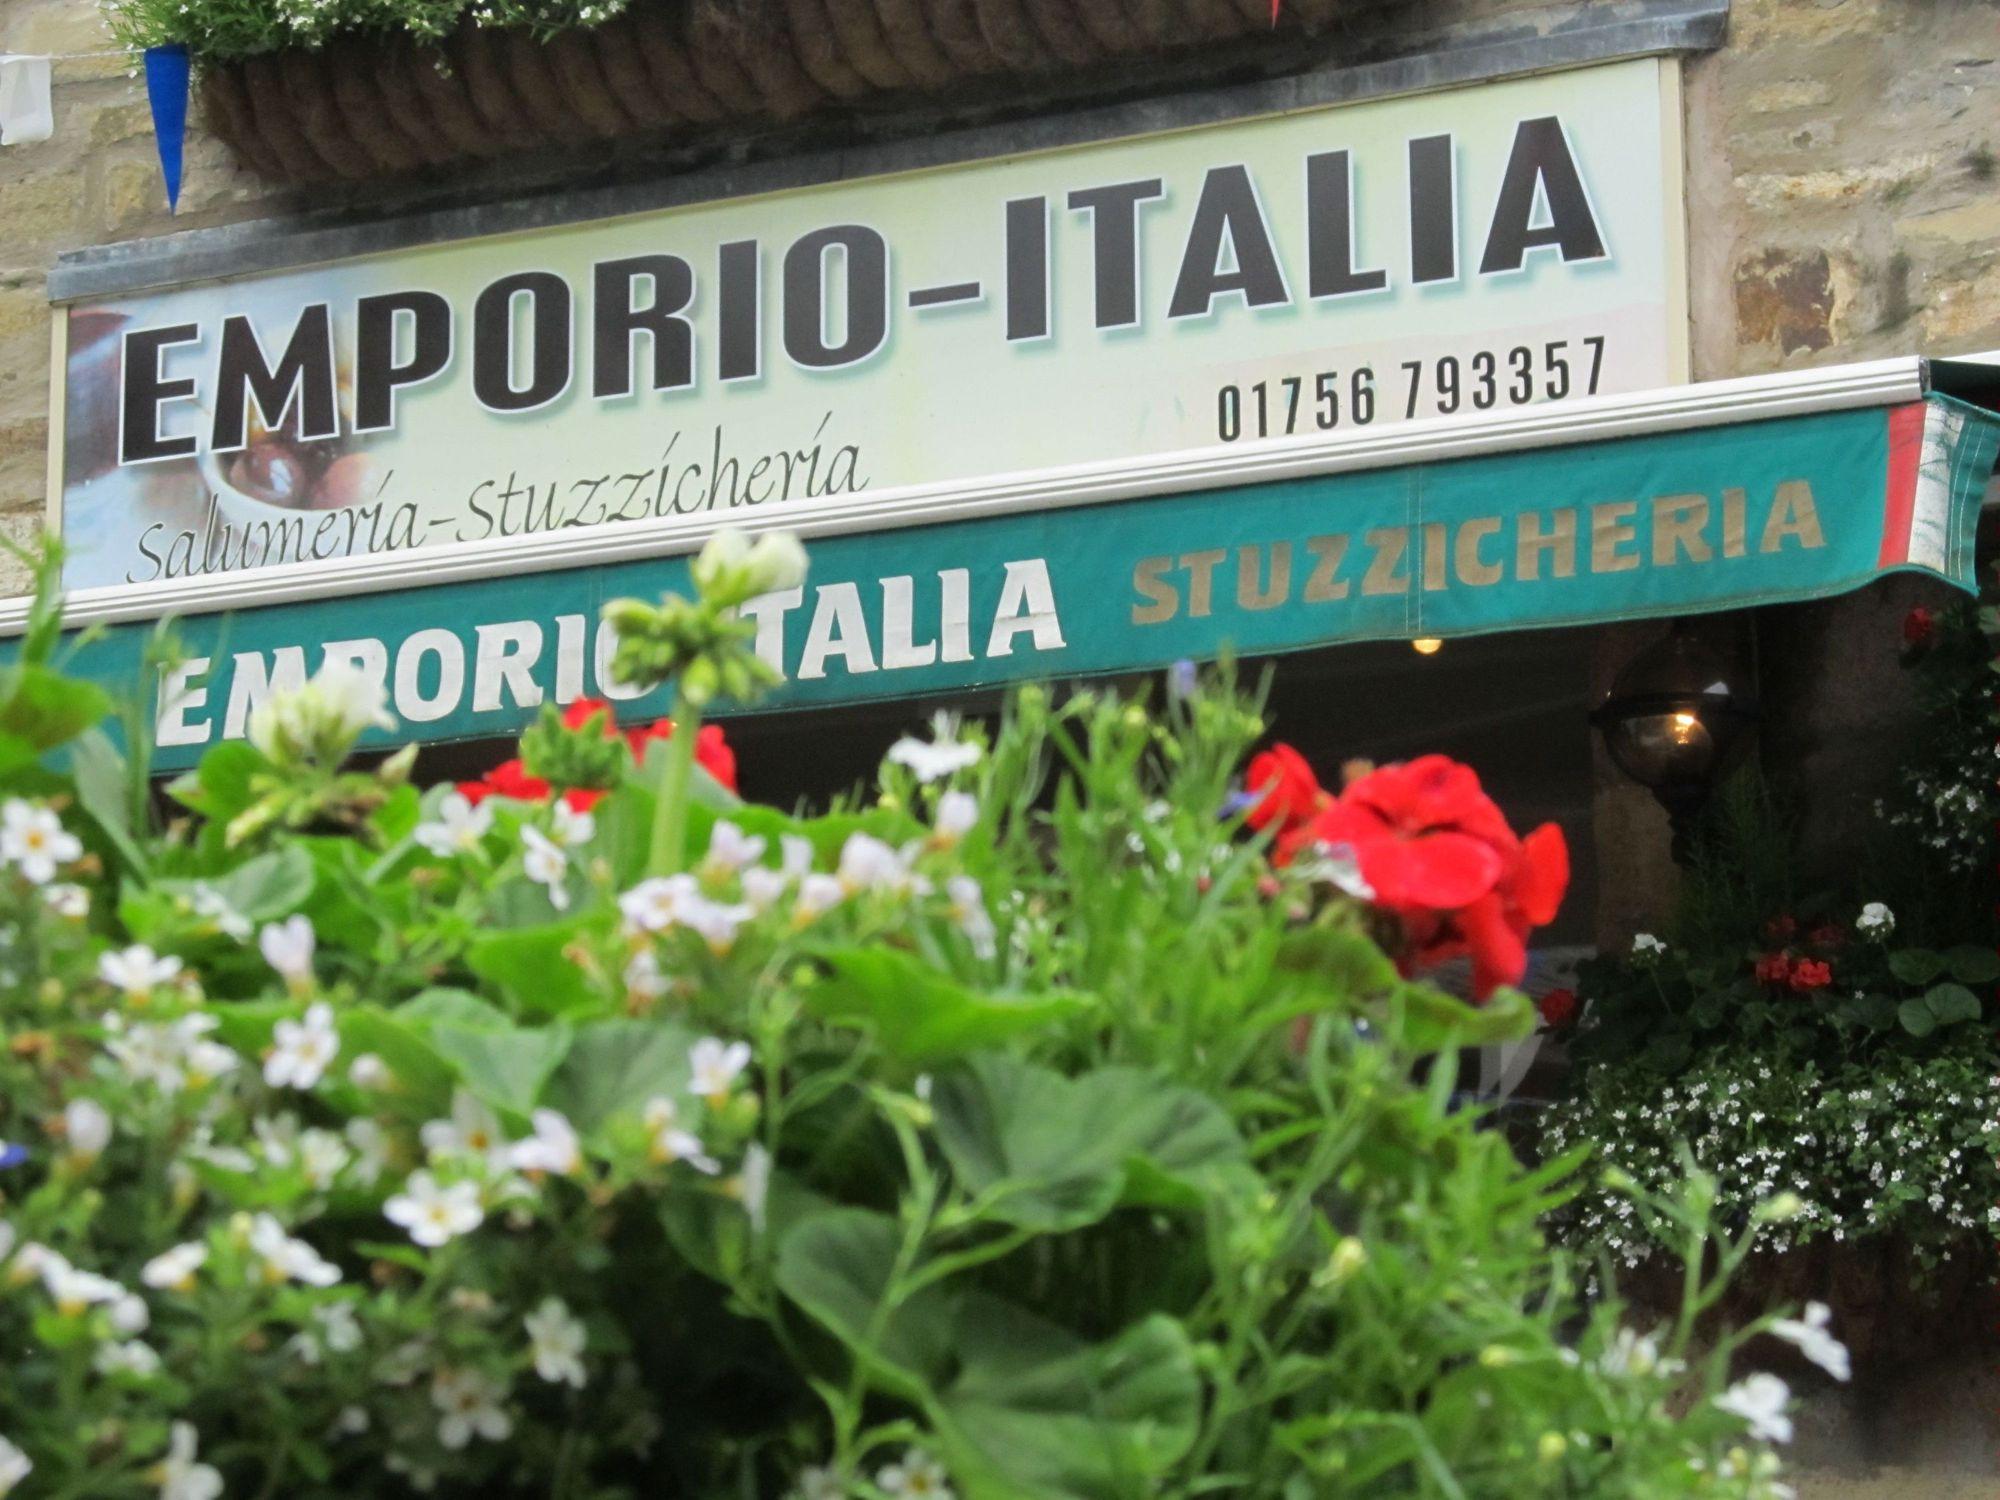 Emporio Italia